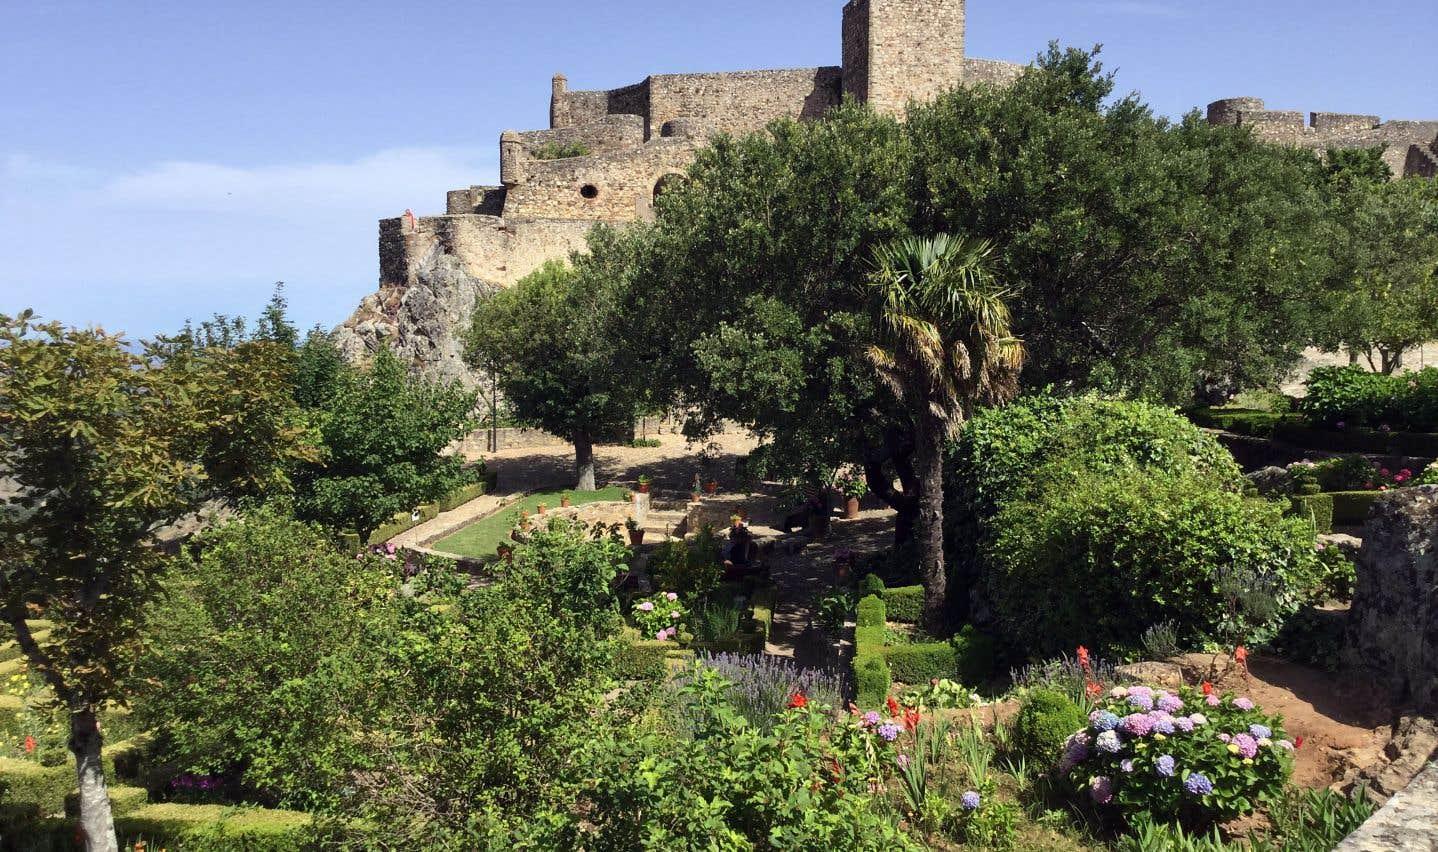 Castelo de Vide et Marvao: deux villages typiques de l'époque médiévale au Portugal